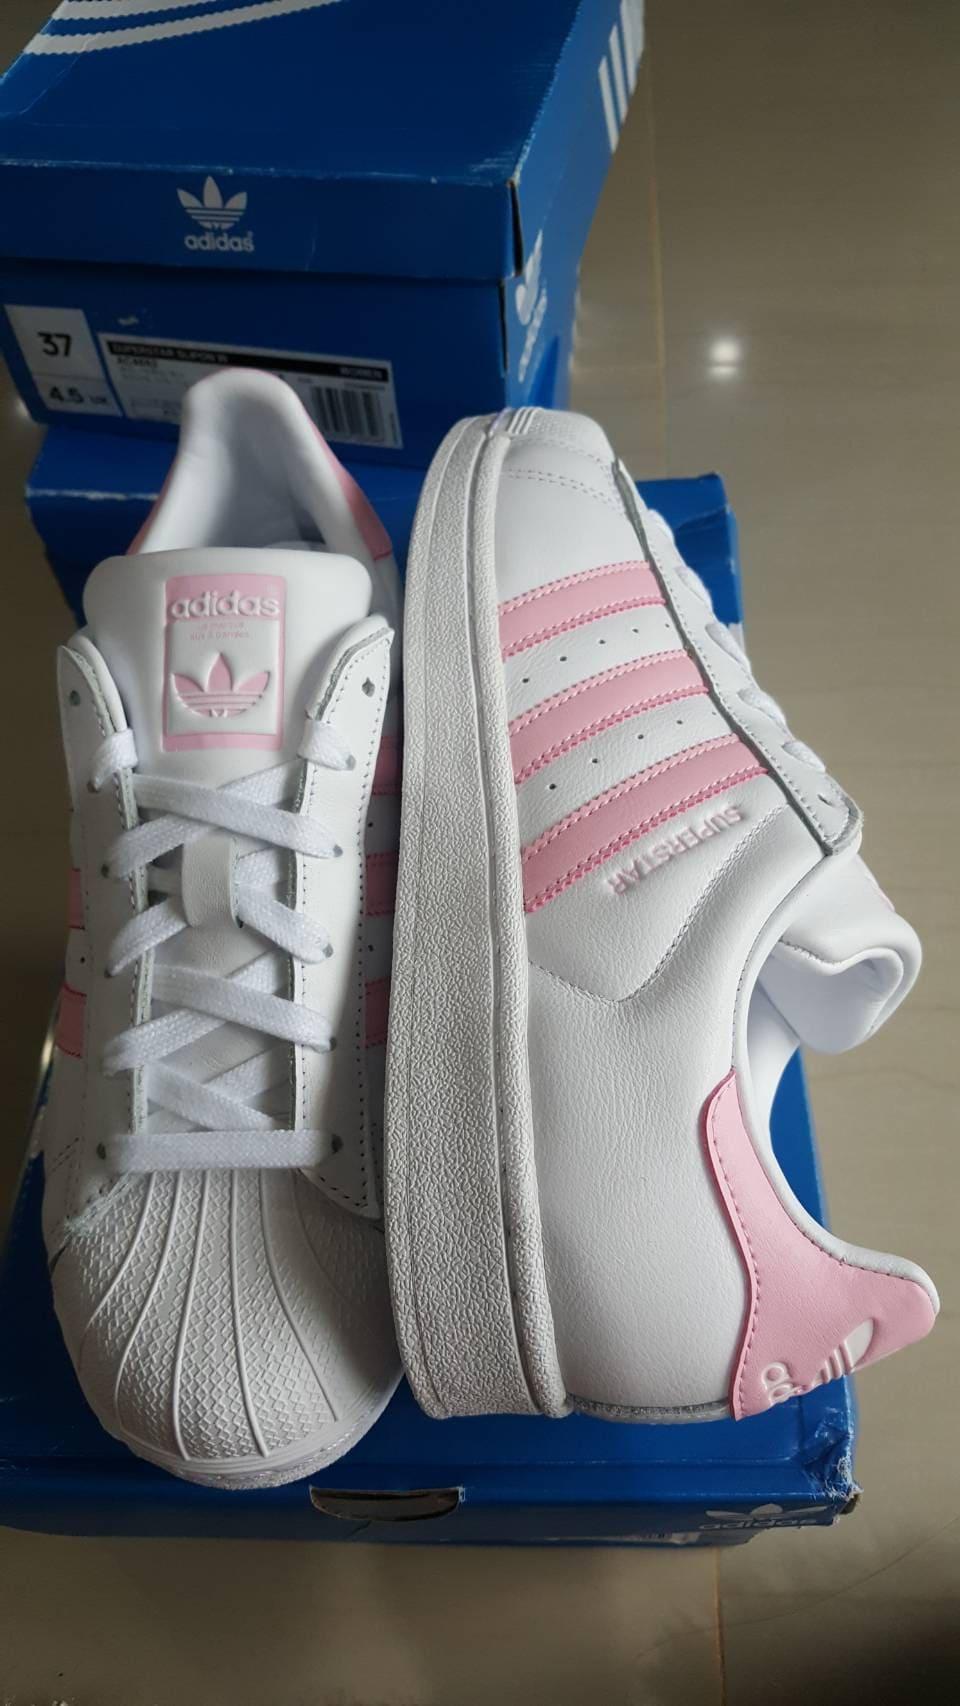 เช็ค ราคา ! adidas Originals Superstar W White Pink สีชมพูอ่อน รุ่น ผู้หญิง